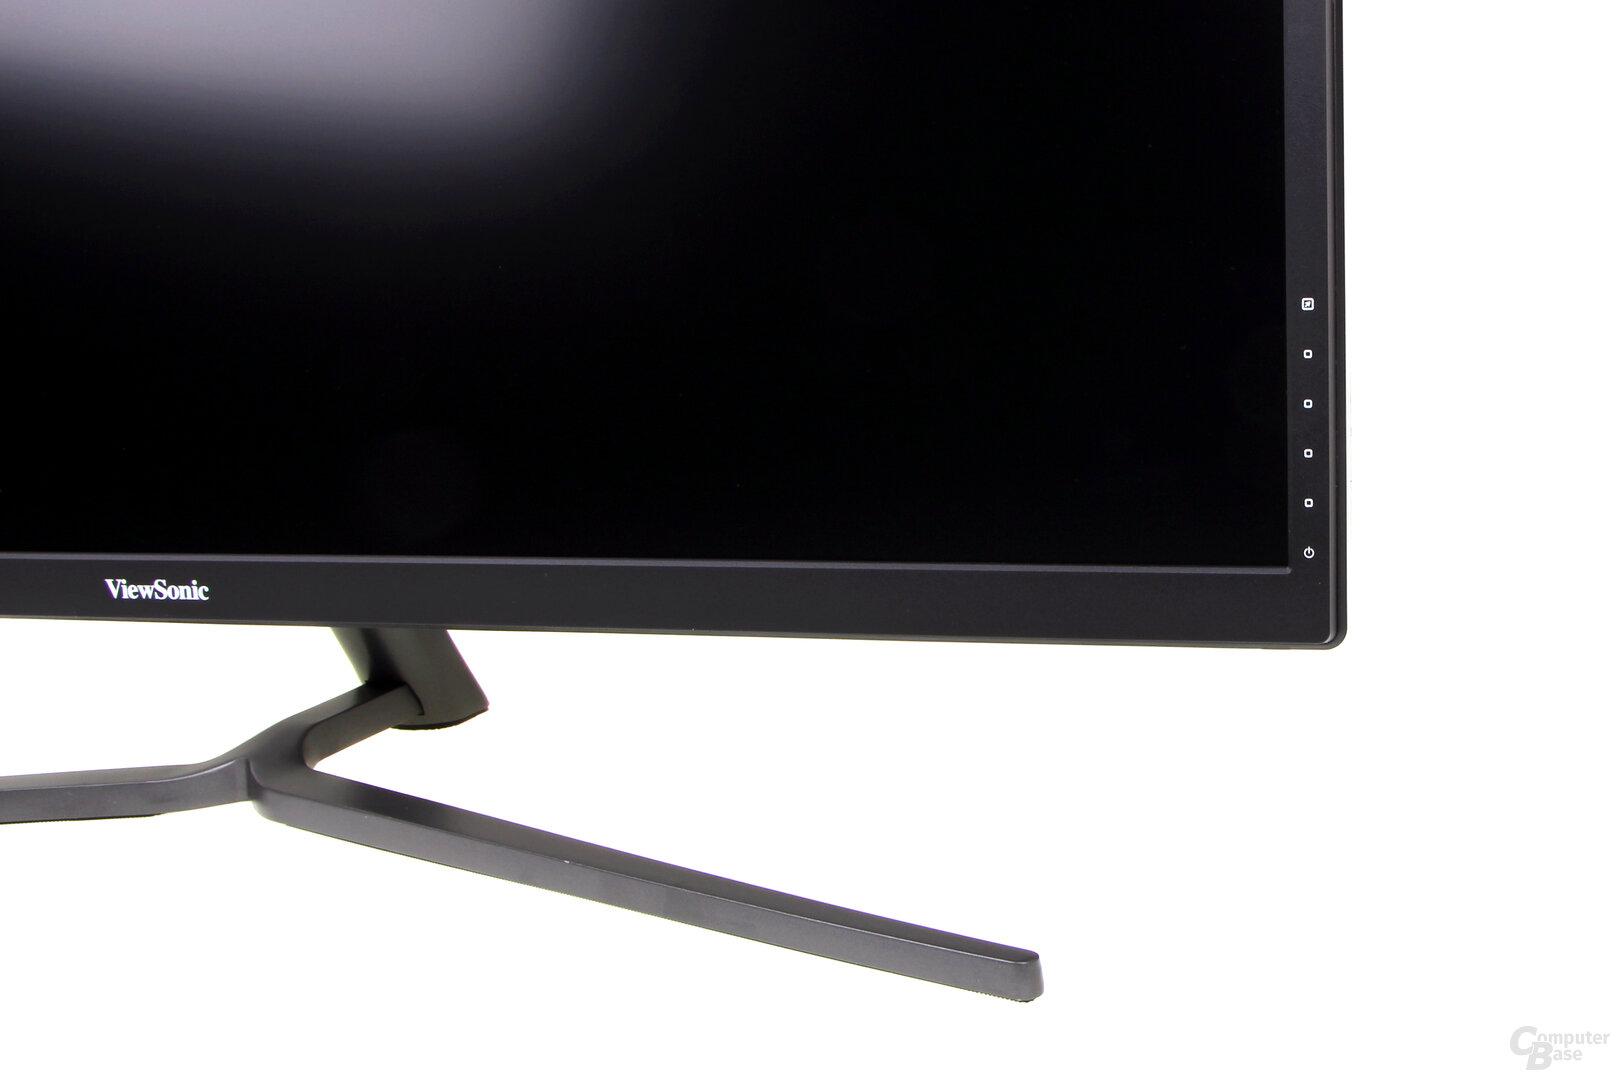 ViewSonic VX3211-4K – Die Knöpfe für das OSD sind rechts hinten platziert